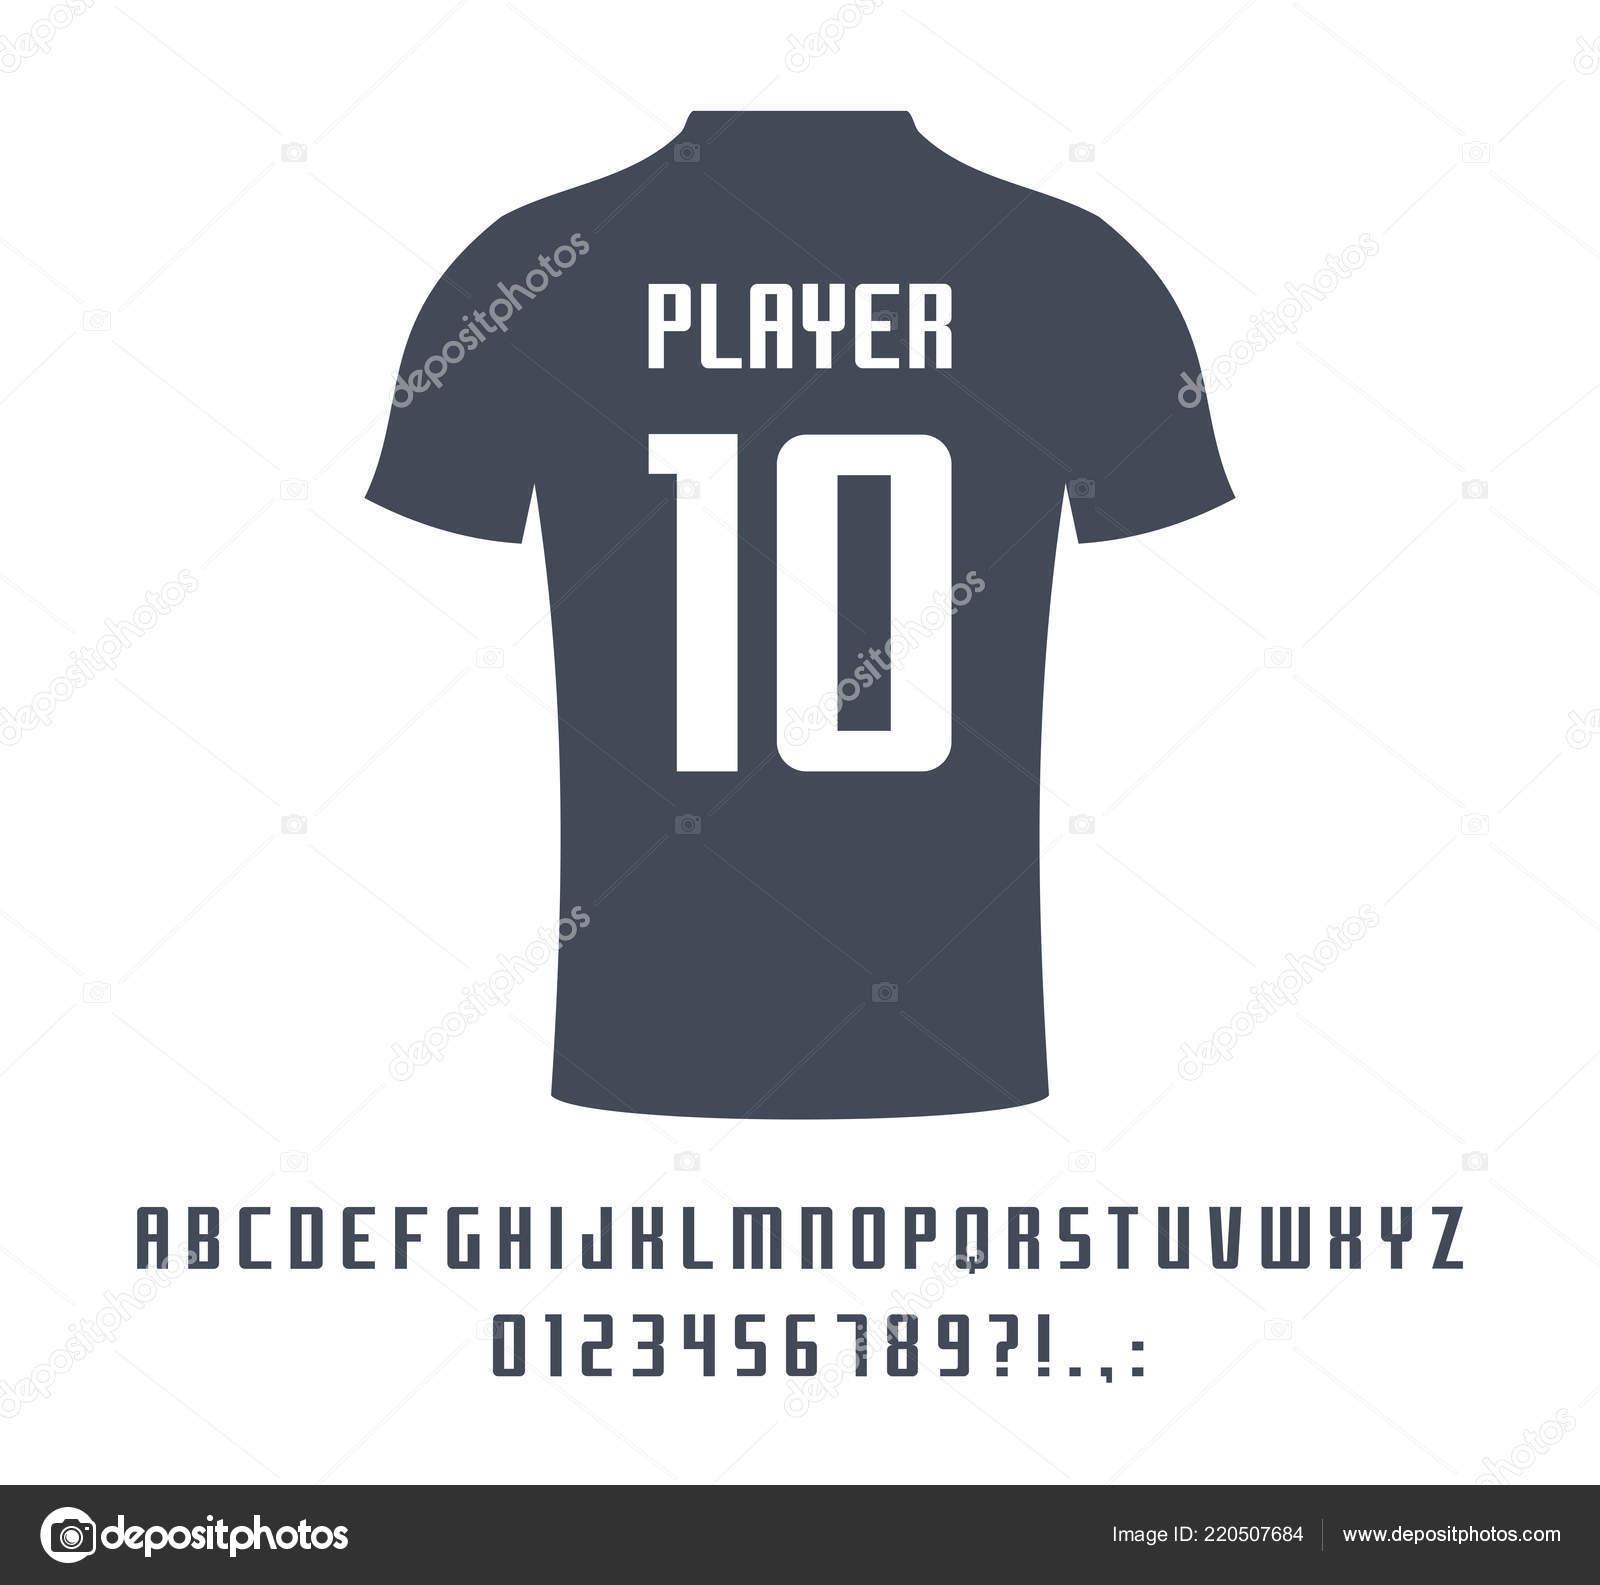 5ff74e6828a22 Fuente universal del deporte fútbol fútbol logotipo del equipo jpg  1600x1585 Camisetas beisbol numeros deportivos